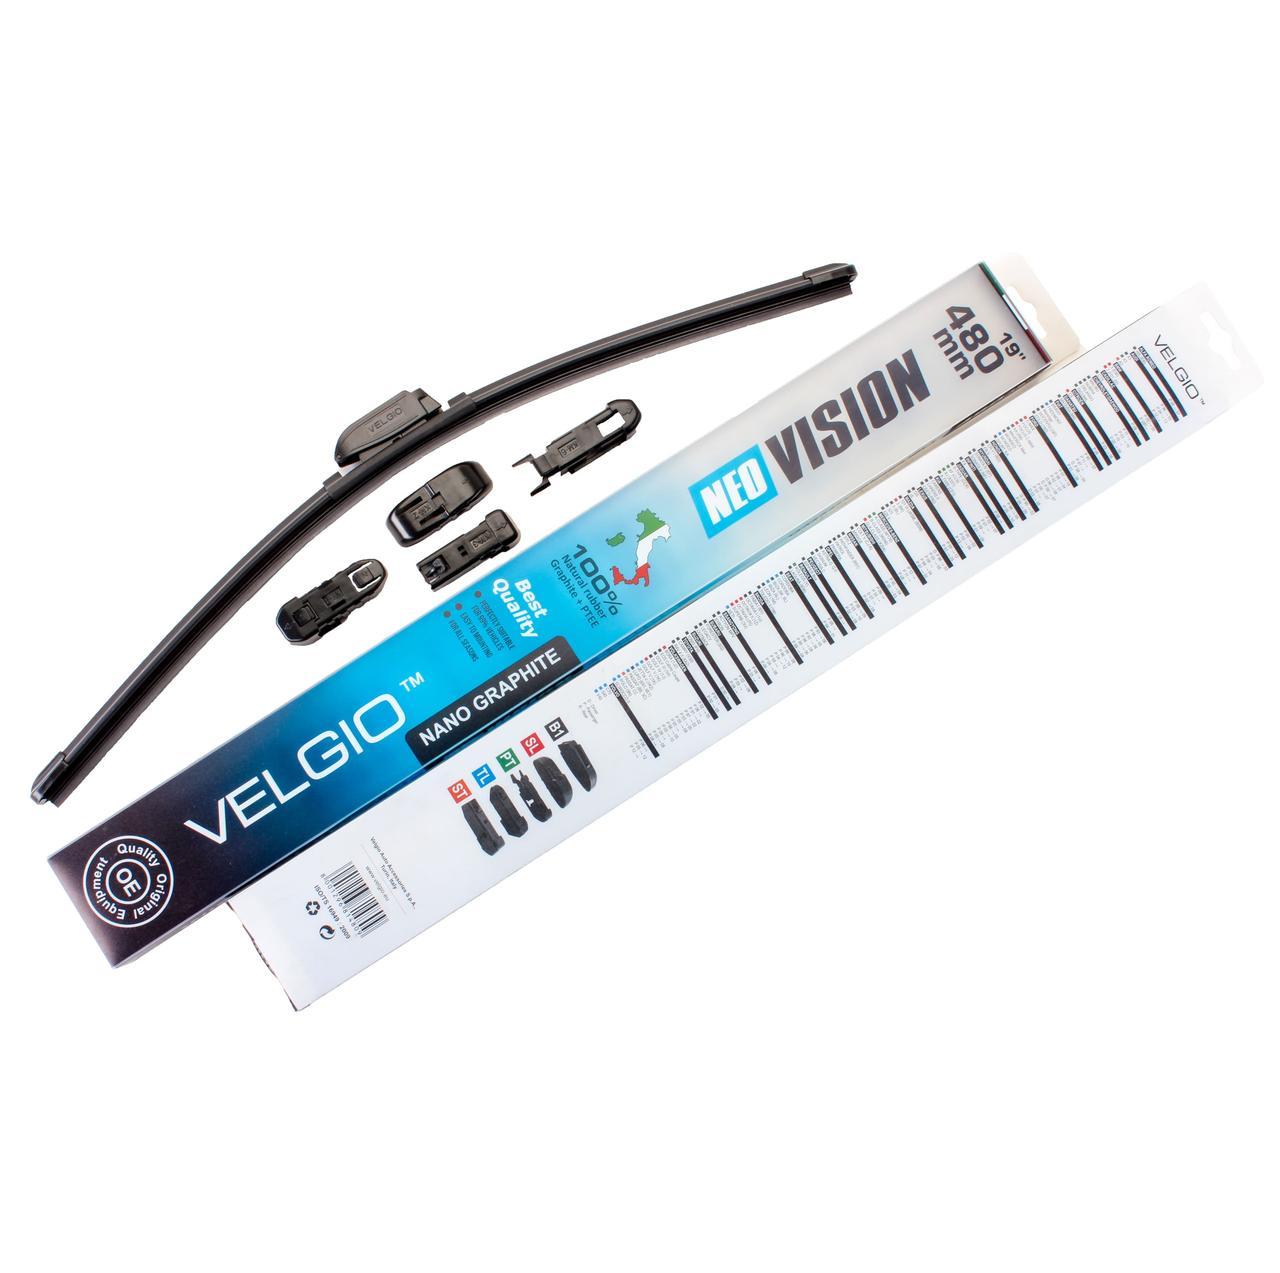 Дворники для авто Velgio Neo Vision 19in / 480мм